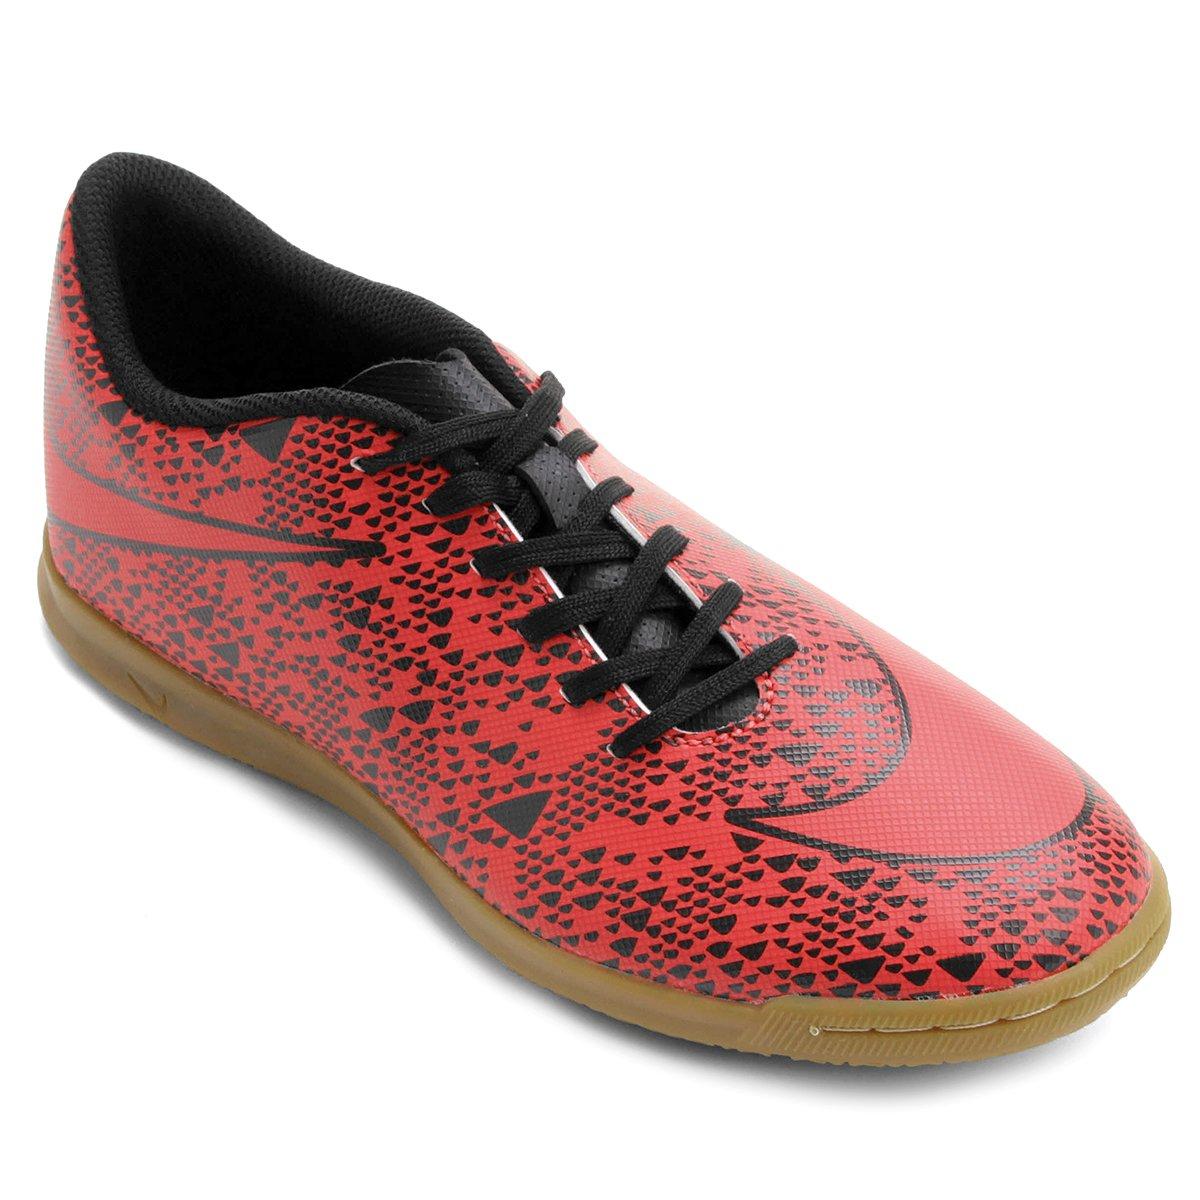 44653b2ca42 Chuteira Futsal Nike Bravata IC Masculina - Compre Agora